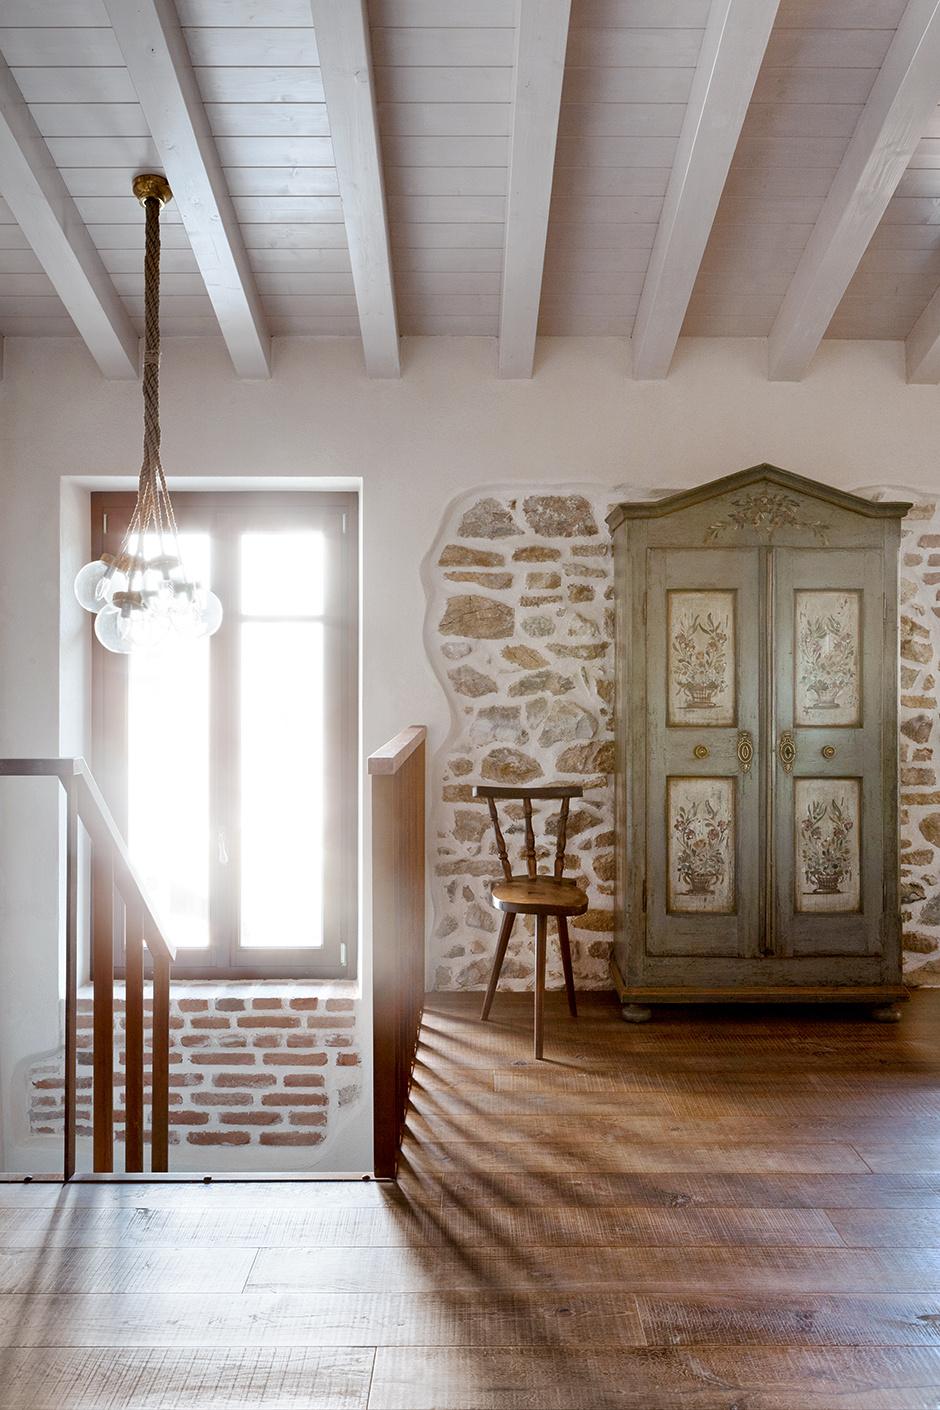 Уютный дом в Италии уютный дом в италии Уютный дом в Италии от Жени Ждановой  1 a5f8038954664724f7ffc55eeb2018cc  0xc35dbb80 20019812641499246555